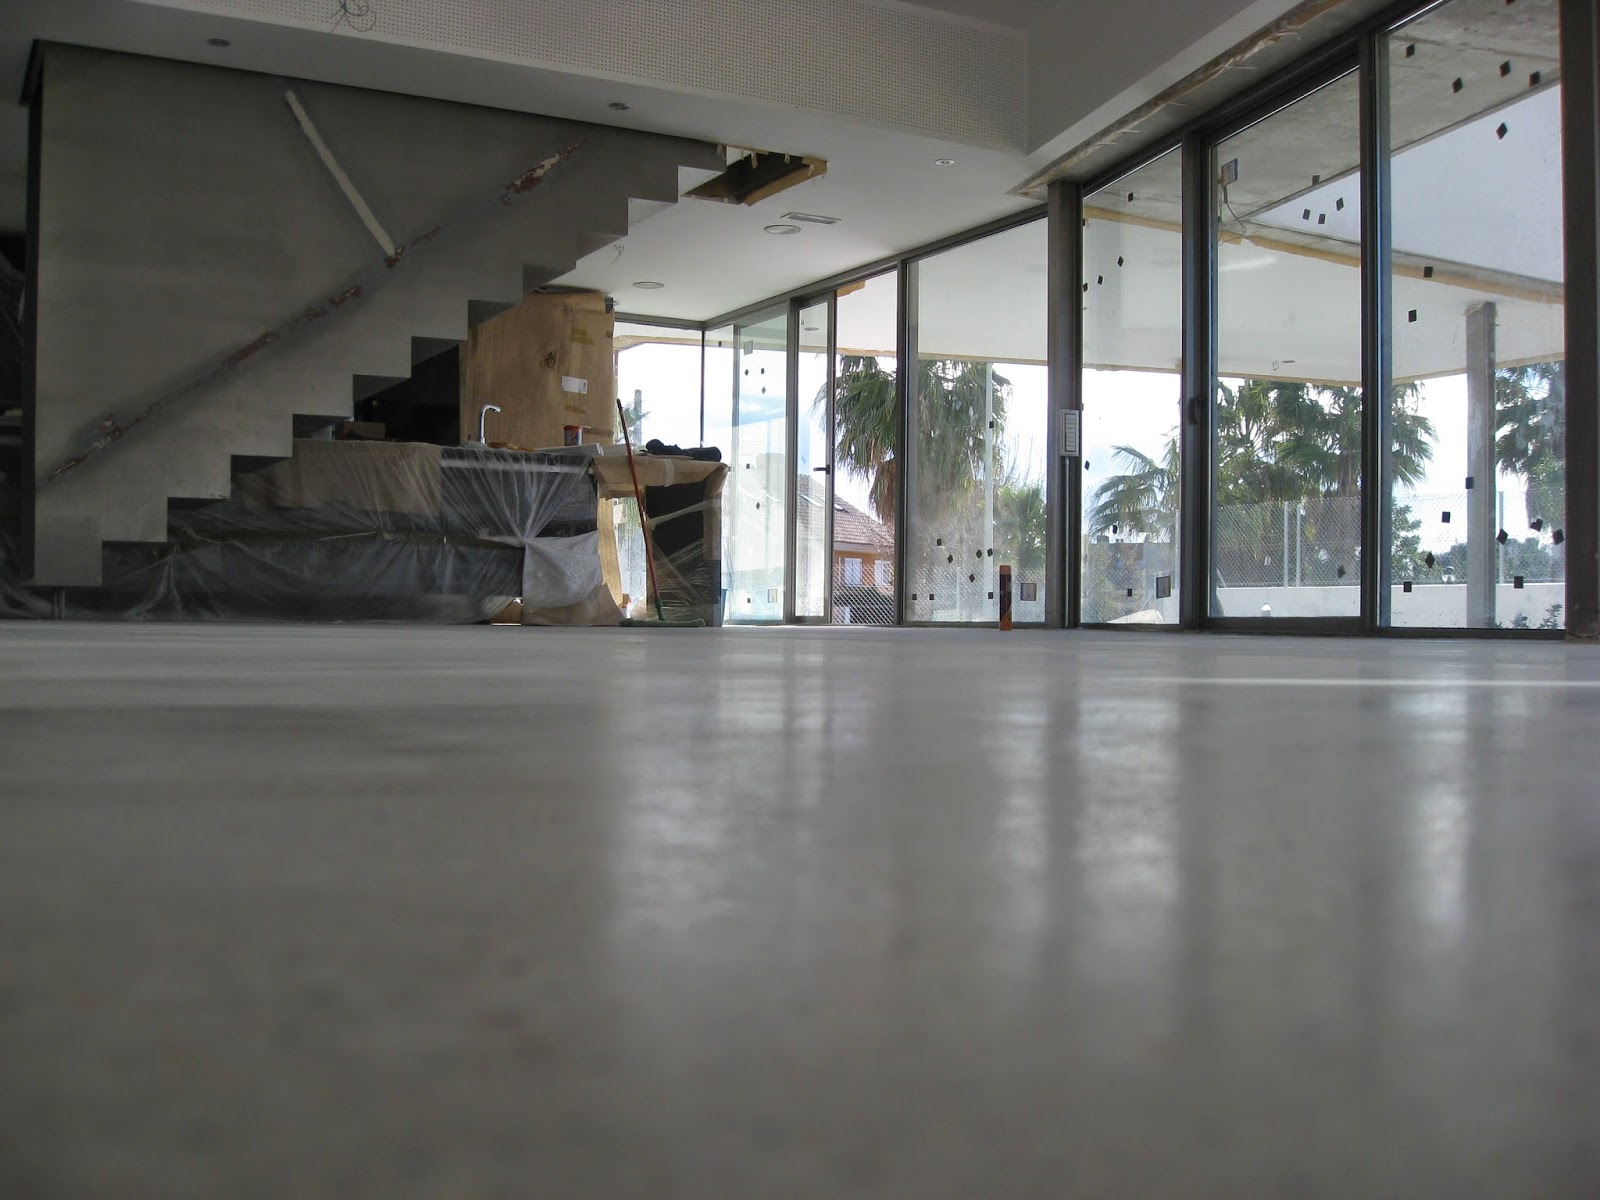 Como pulir el suelo best cheap excellent proteccin pulir - Pulir terrazo manualmente ...